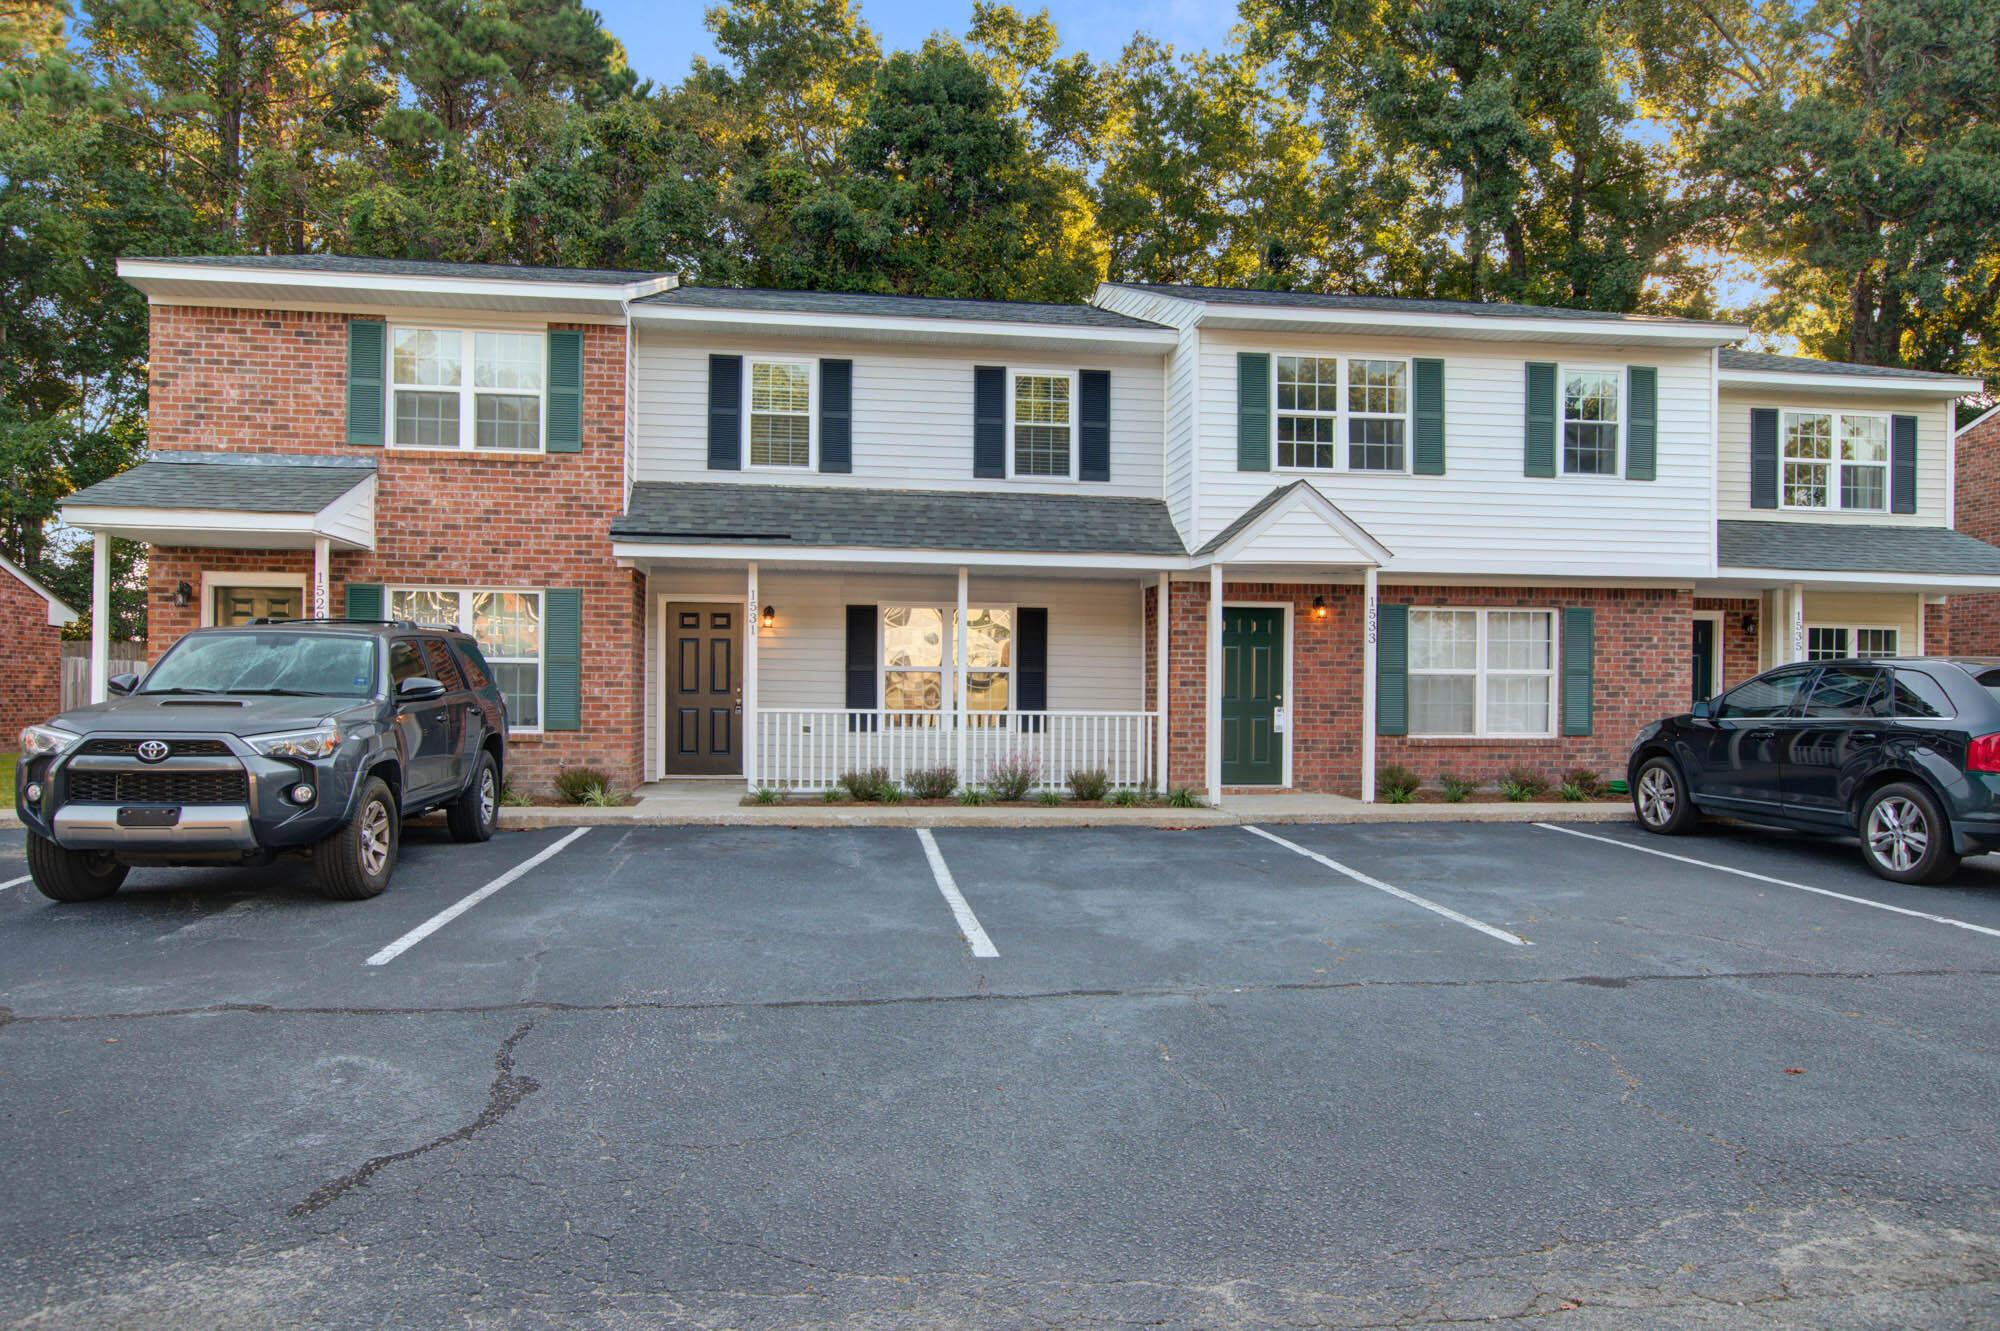 1531 Nantahala Boulevard, Mount Pleasant, 29464, 3 Bedrooms Bedrooms, ,1 BathroomBathrooms,Rental,For Rent,Nantahala,21026358